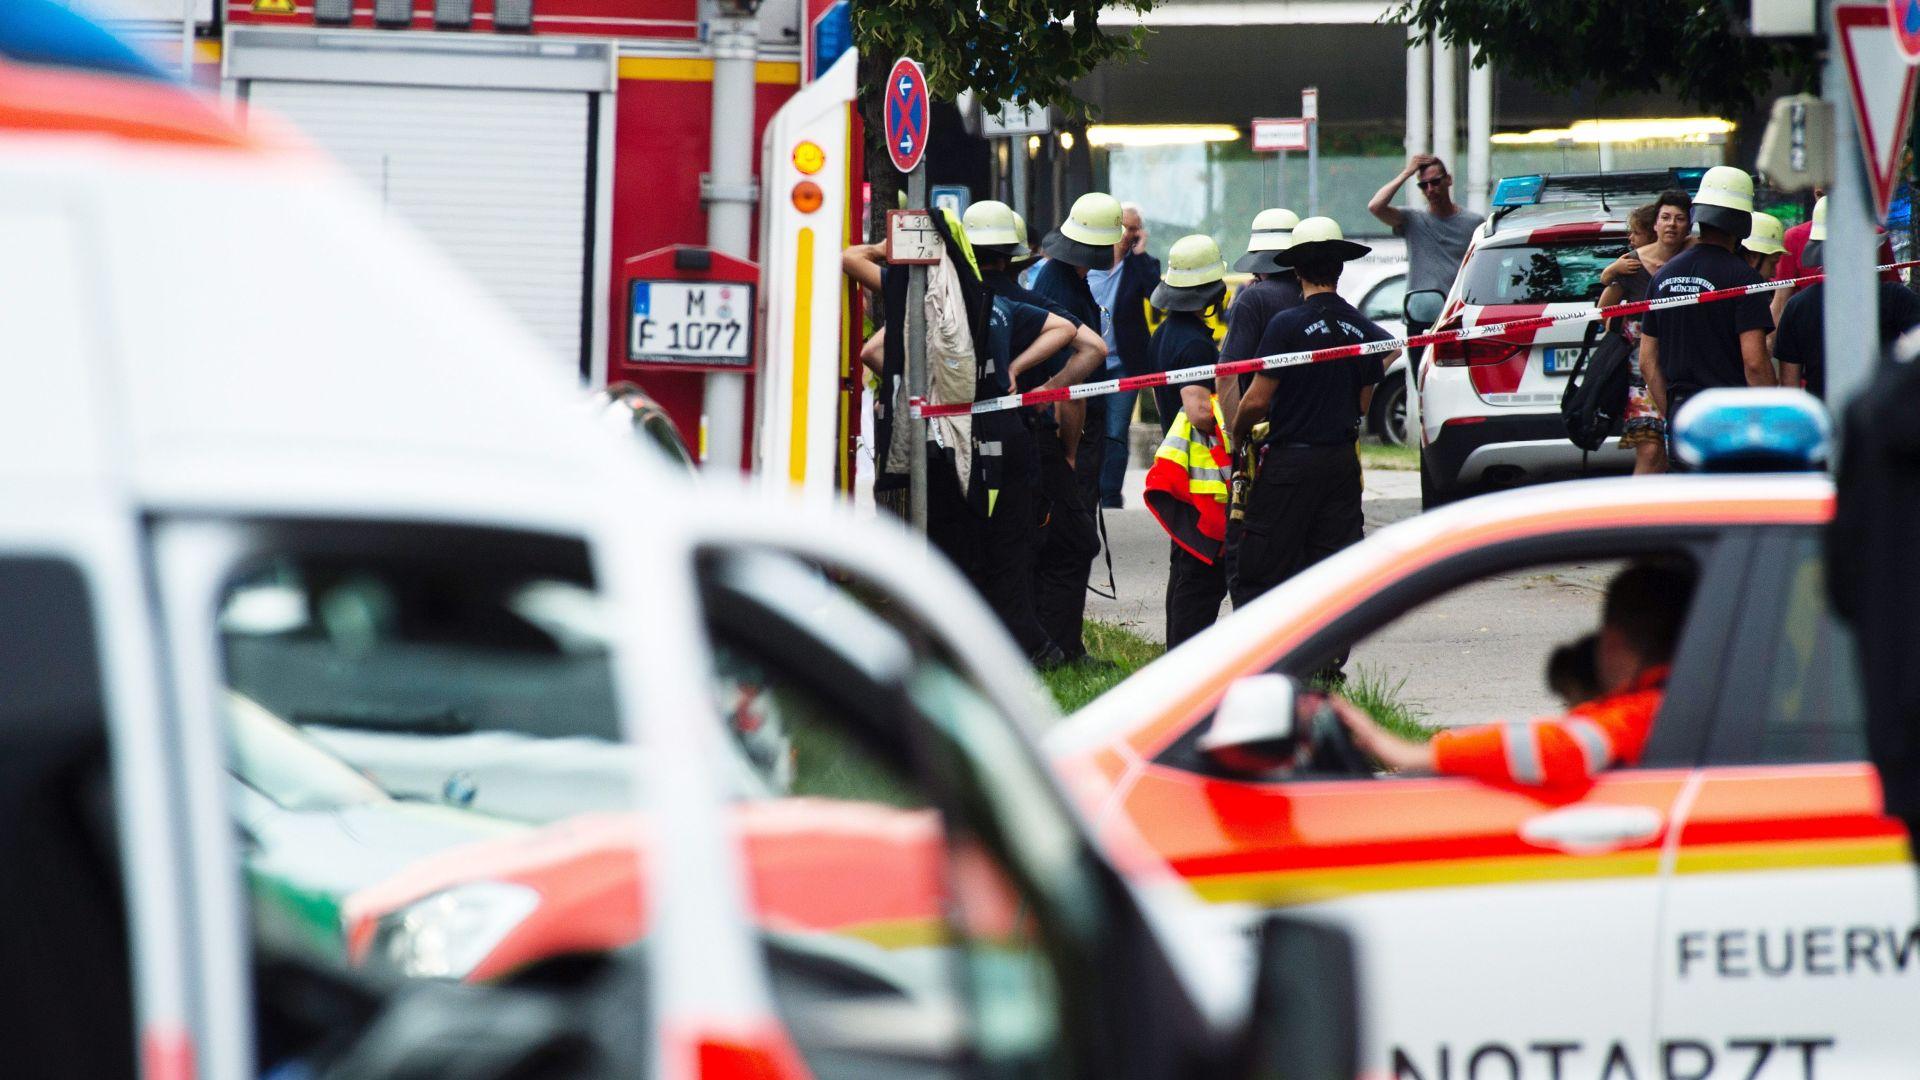 Njemački mediji: Do 15 mrtvih u pucnjavi u trgovačkom centru u Muenchenu